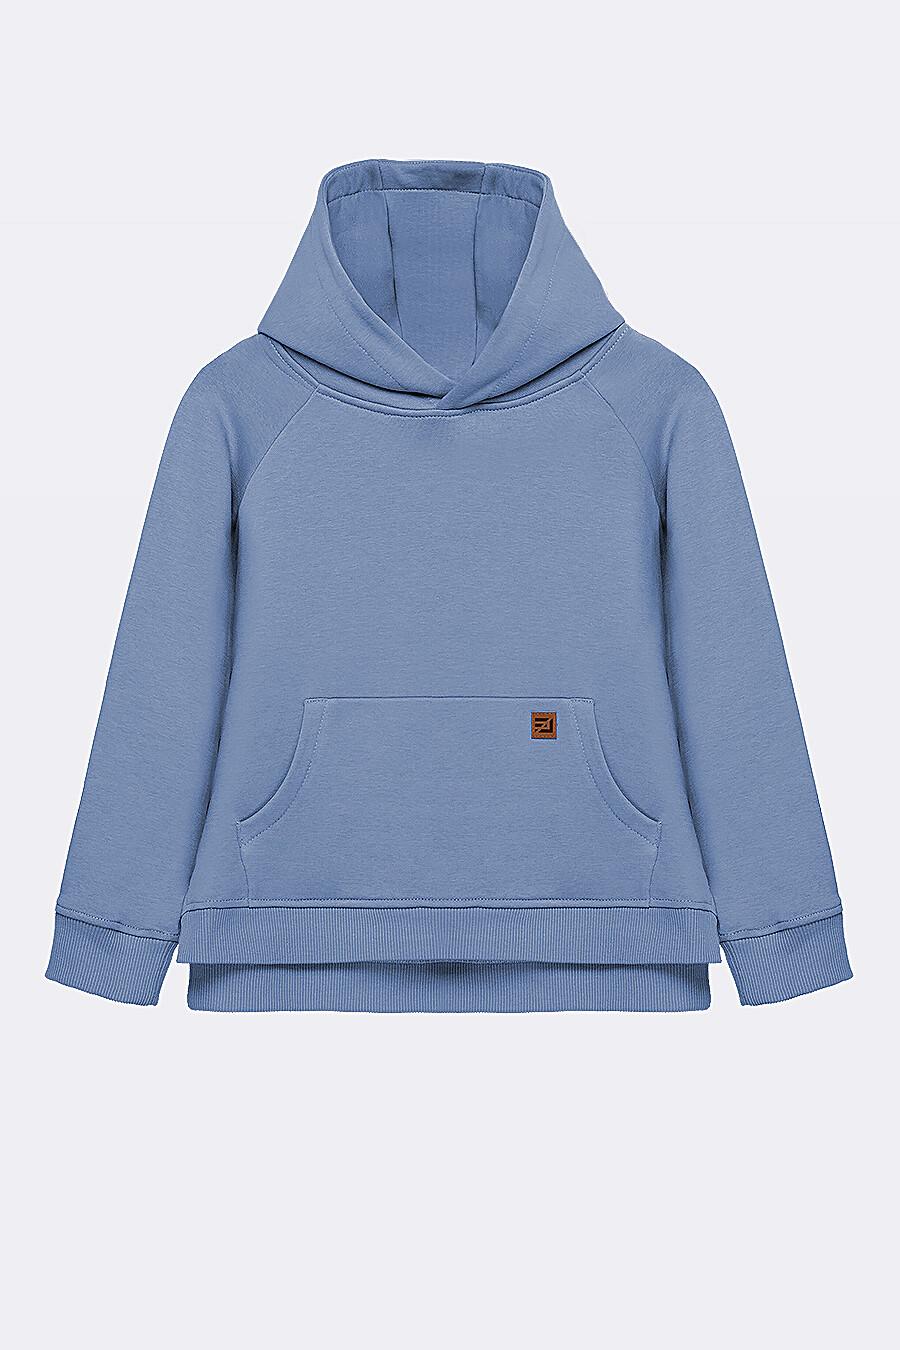 Костюм(Худи+Брюки) для мальчиков EZANNA 682546 купить оптом от производителя. Совместная покупка детской одежды в OptMoyo